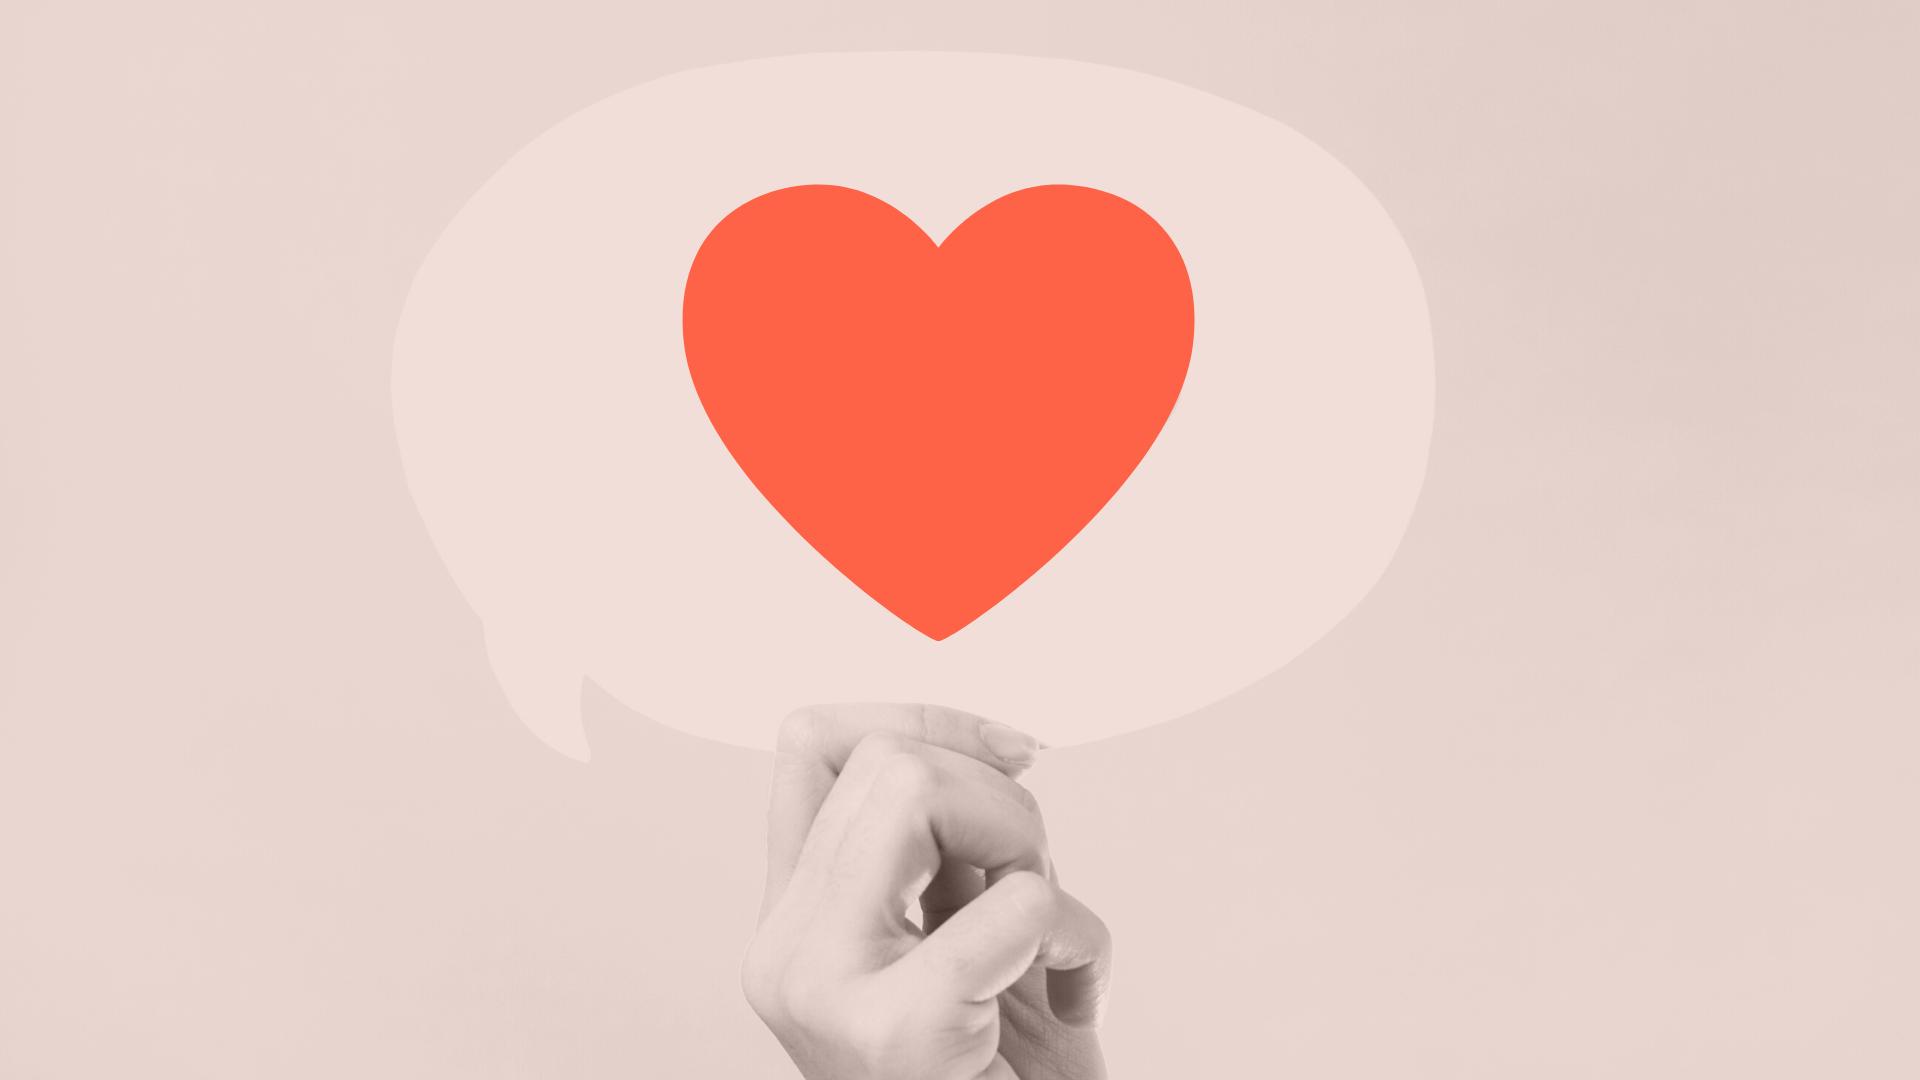 social-spaghetti-social-media-content-marketing-header-png